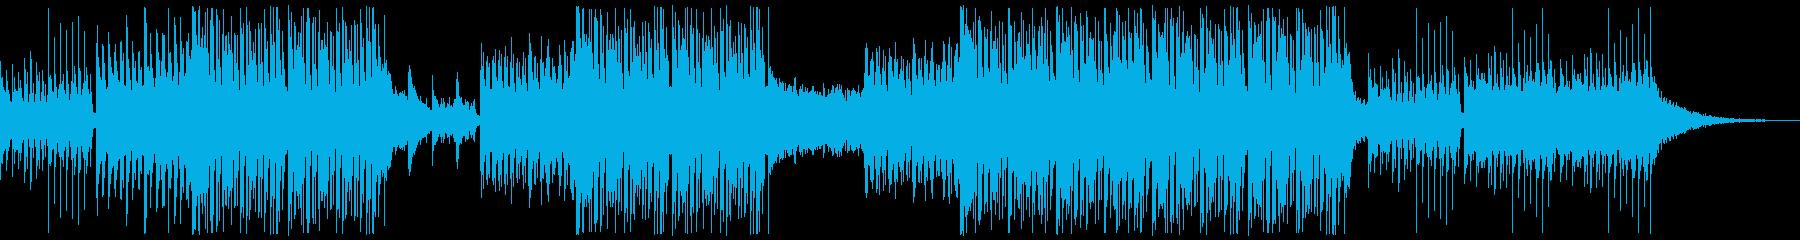 脈動するオーケストラトラックの再生済みの波形